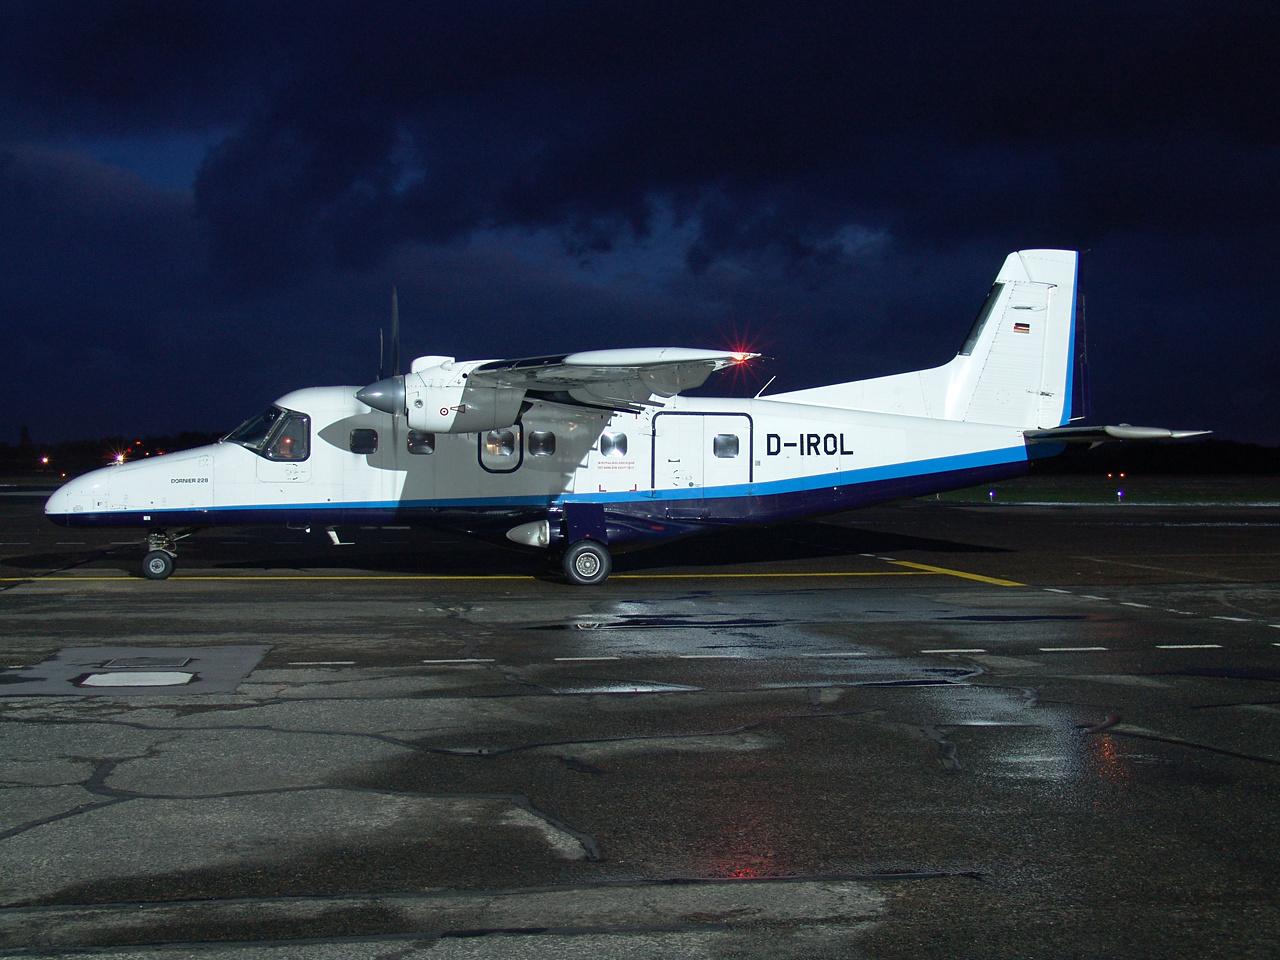 D-IROL-1 DO228 ESS 200501